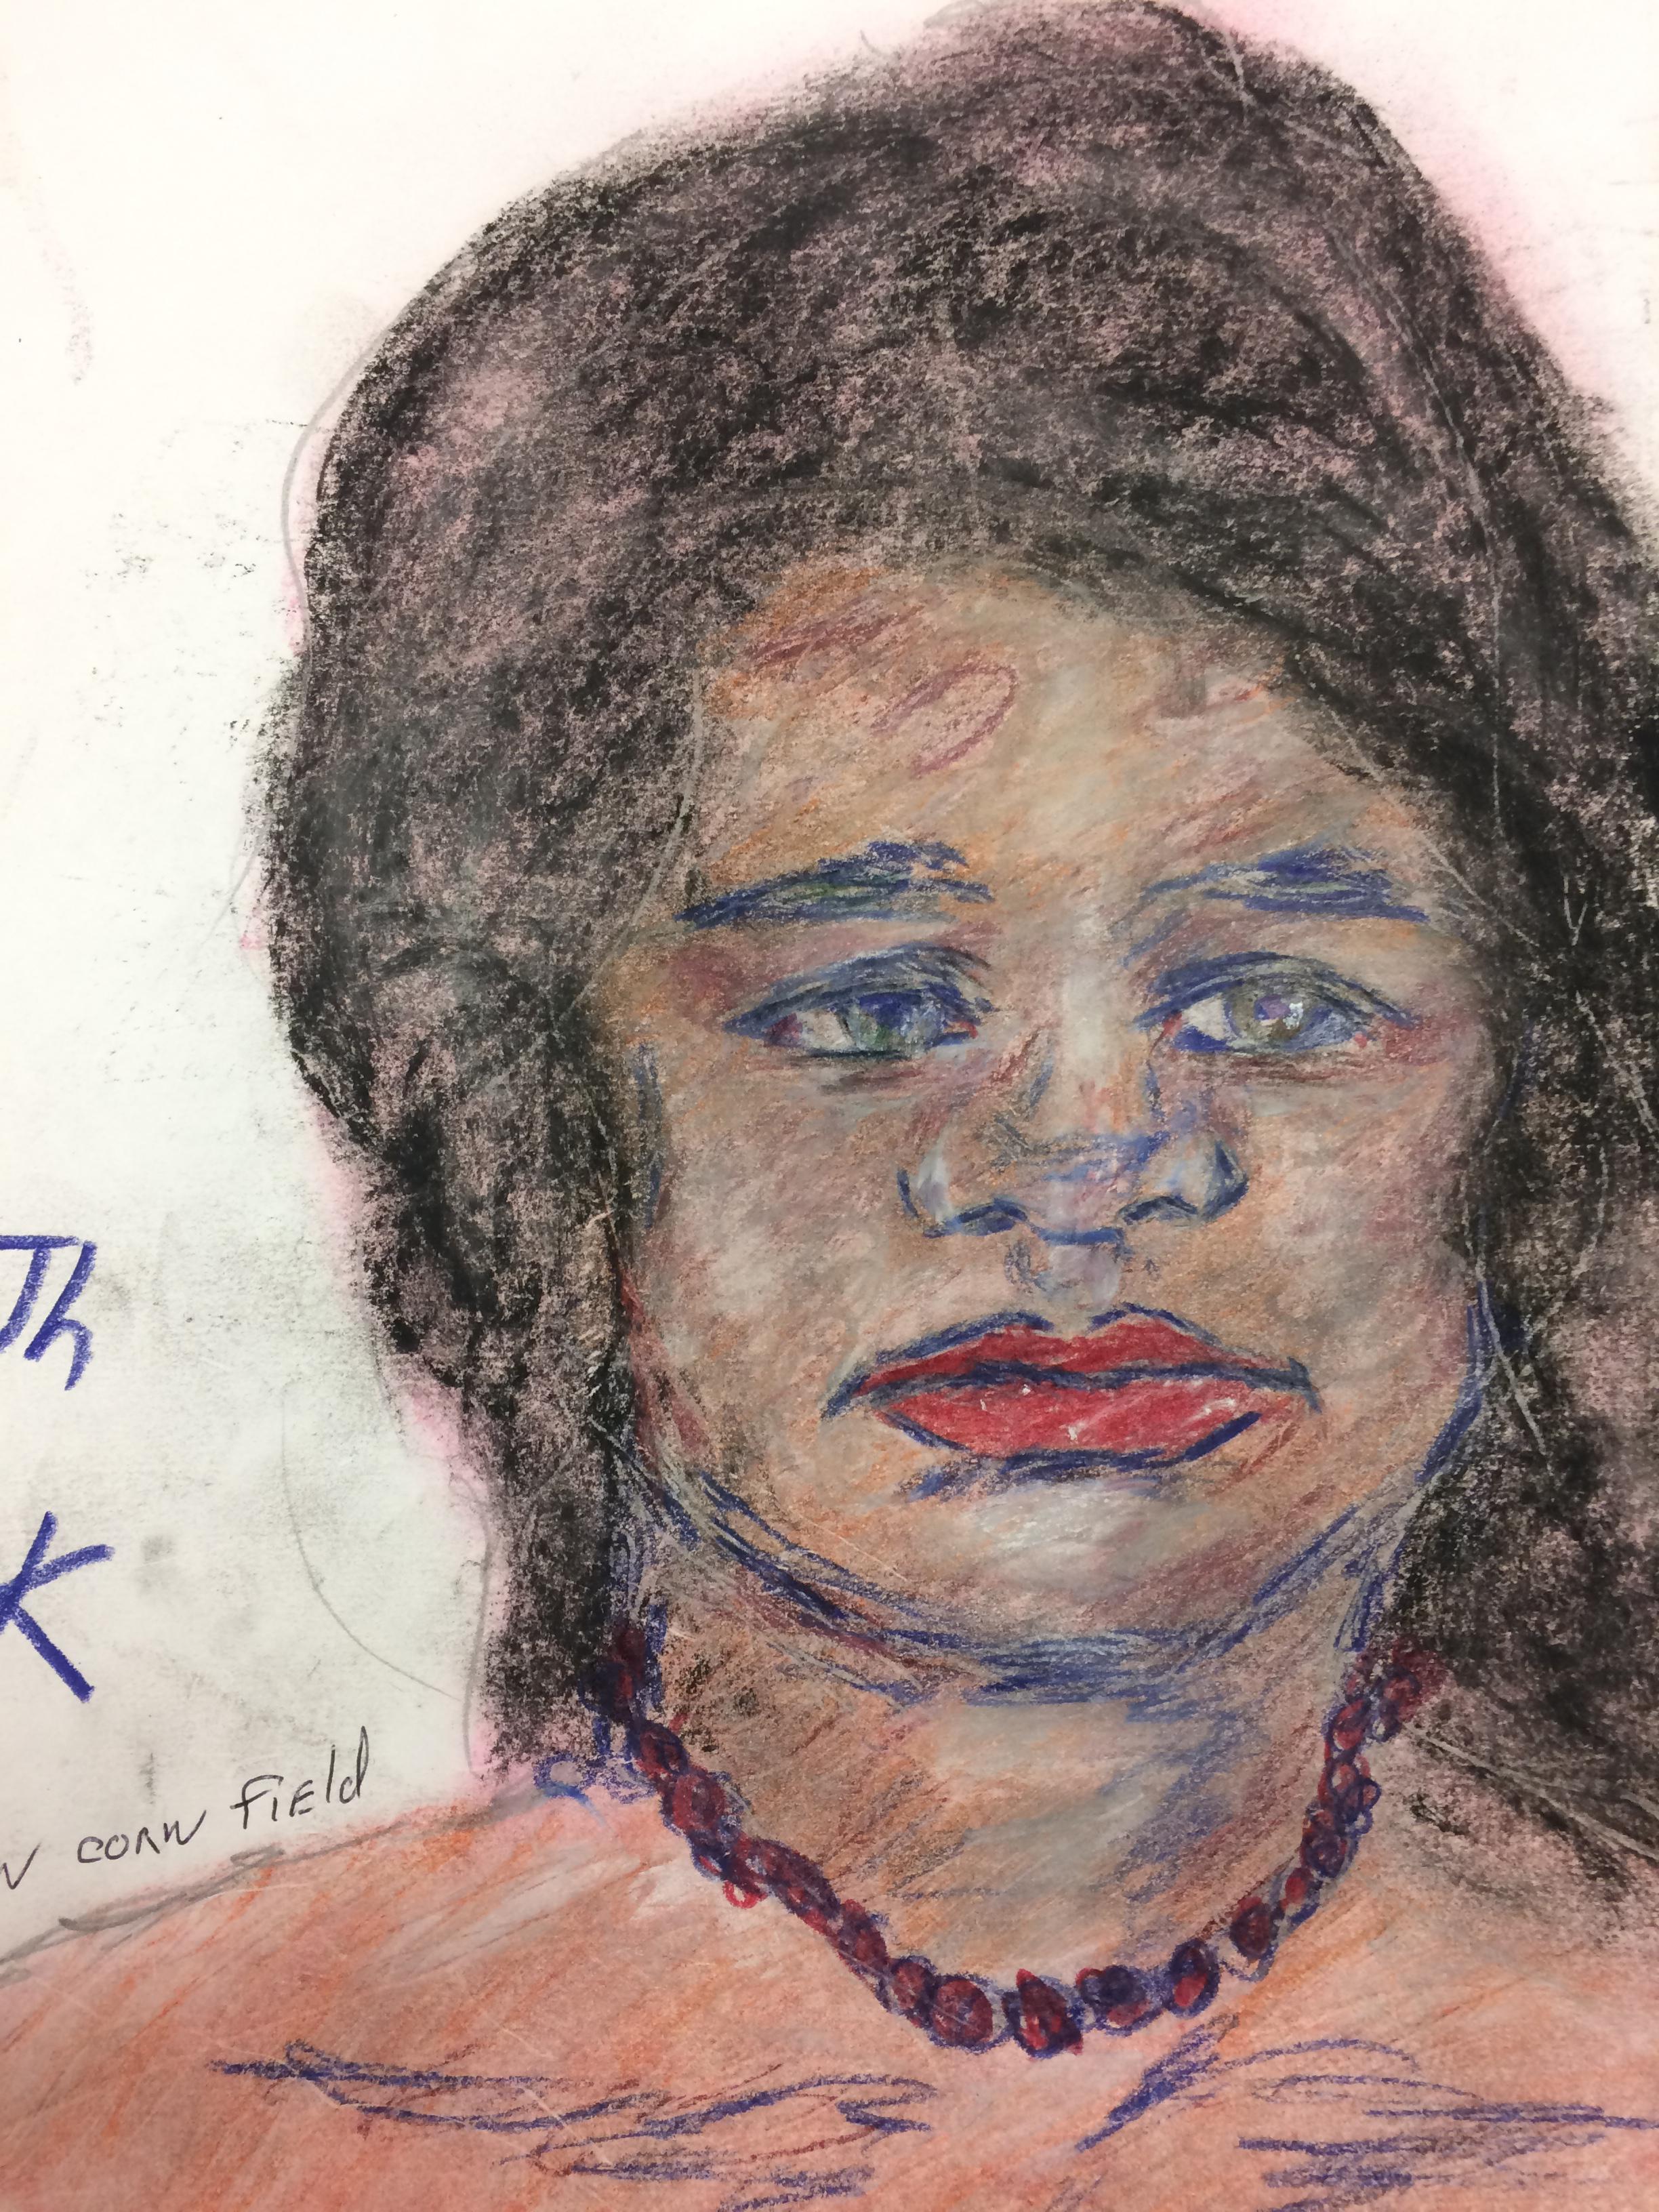 ViCAP Links Murders to Prolific Serial Killer — FBI